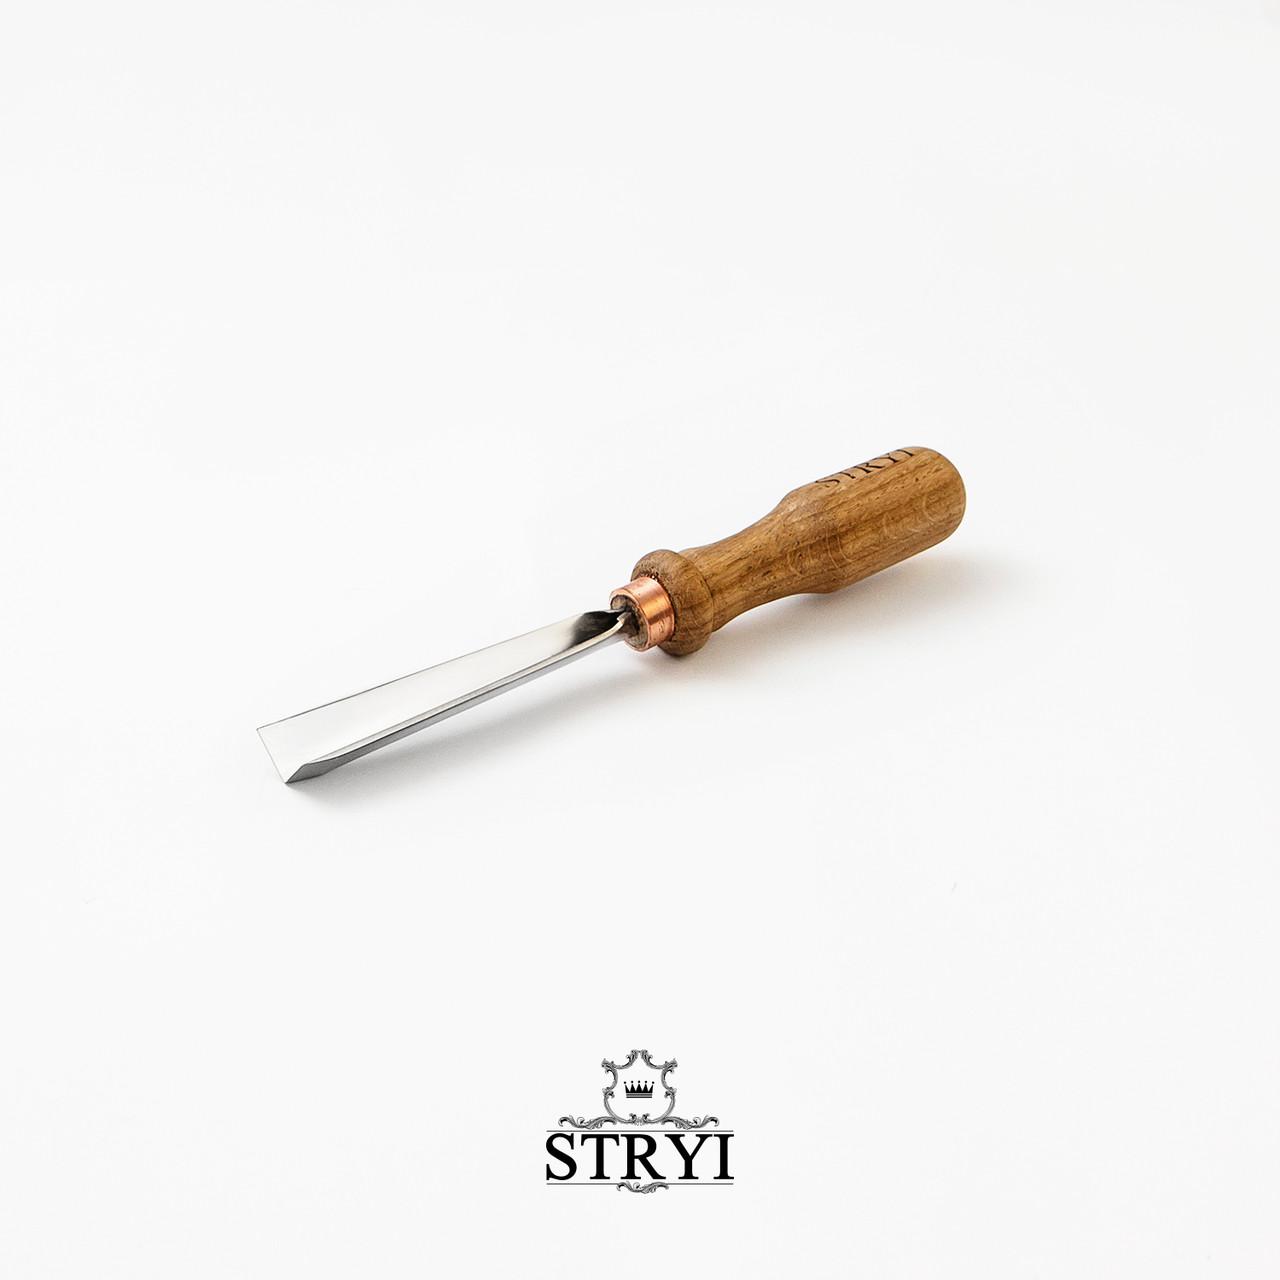 Угловая стамеска для резьбы по дереву 90 градусов 15 мм STRYI